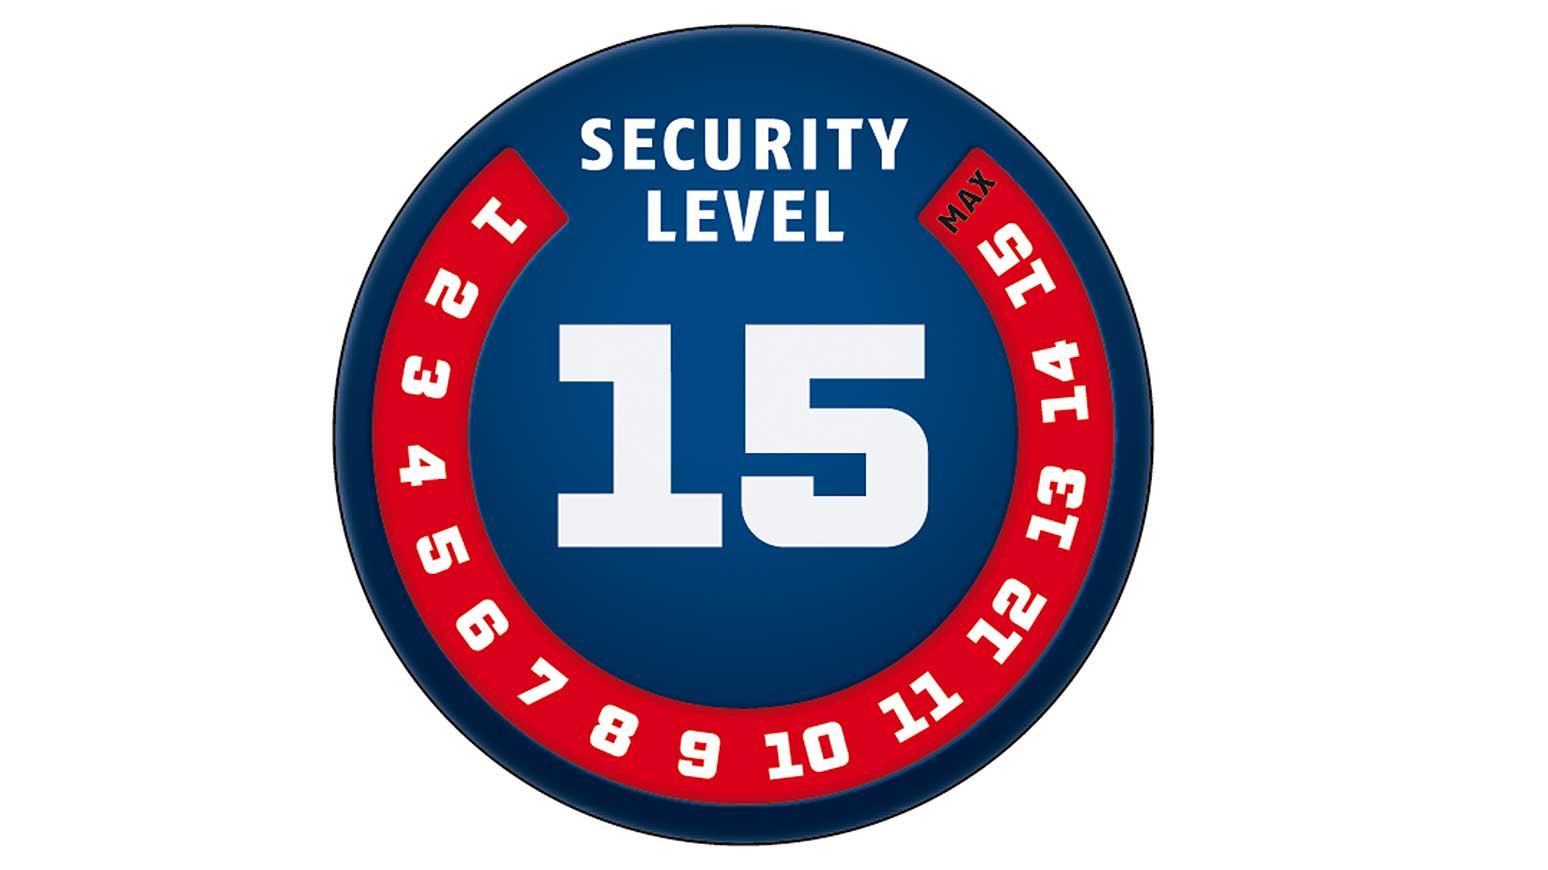 Fahrradschloss: Symbole die das ABUS Sicherheits Level-System kundenfreundlich darstellen